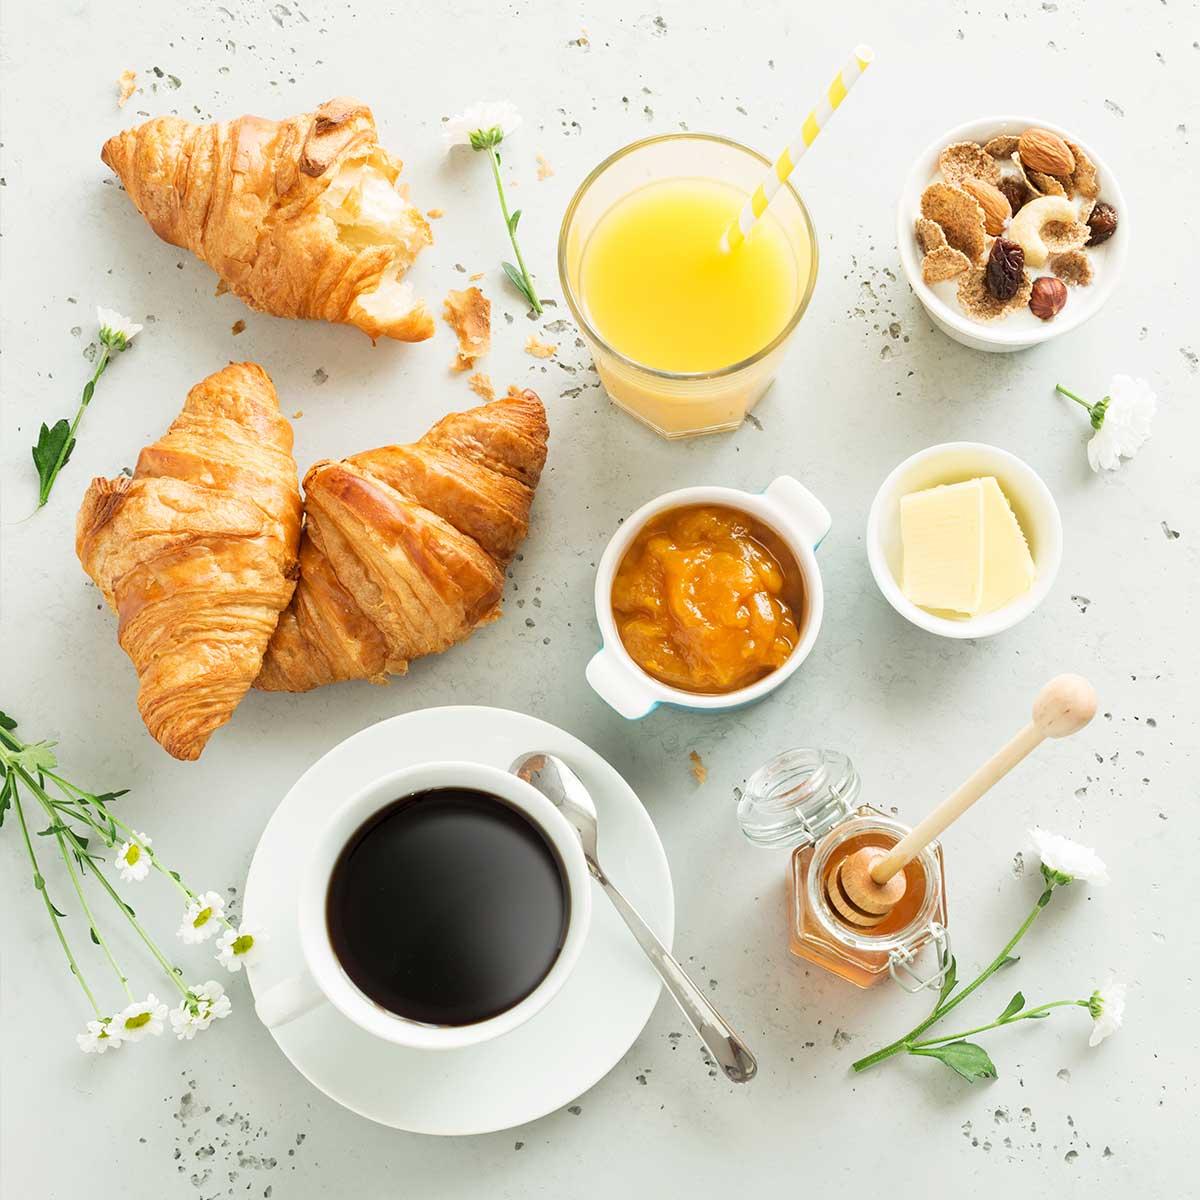 https://www.mariamalo.es/wp-content/uploads/2020/12/001_envio-de-desayunos-y-churros-a-domicilio-regalo-perfecto.jpg